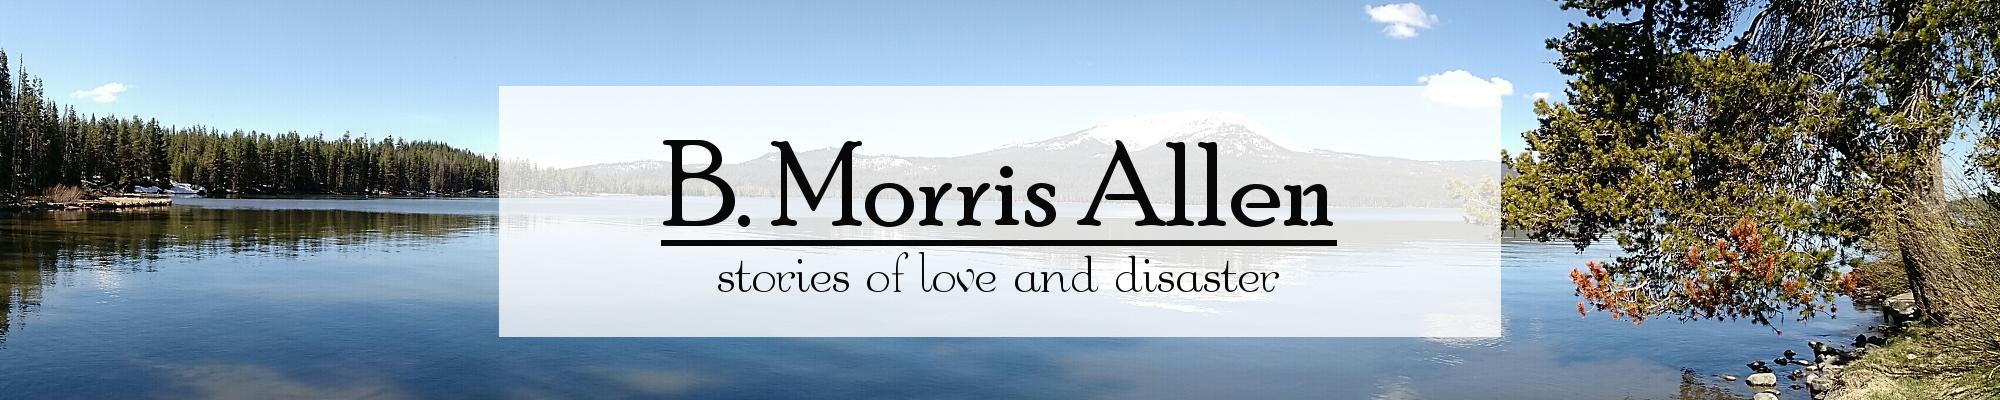 B. Morris Allen